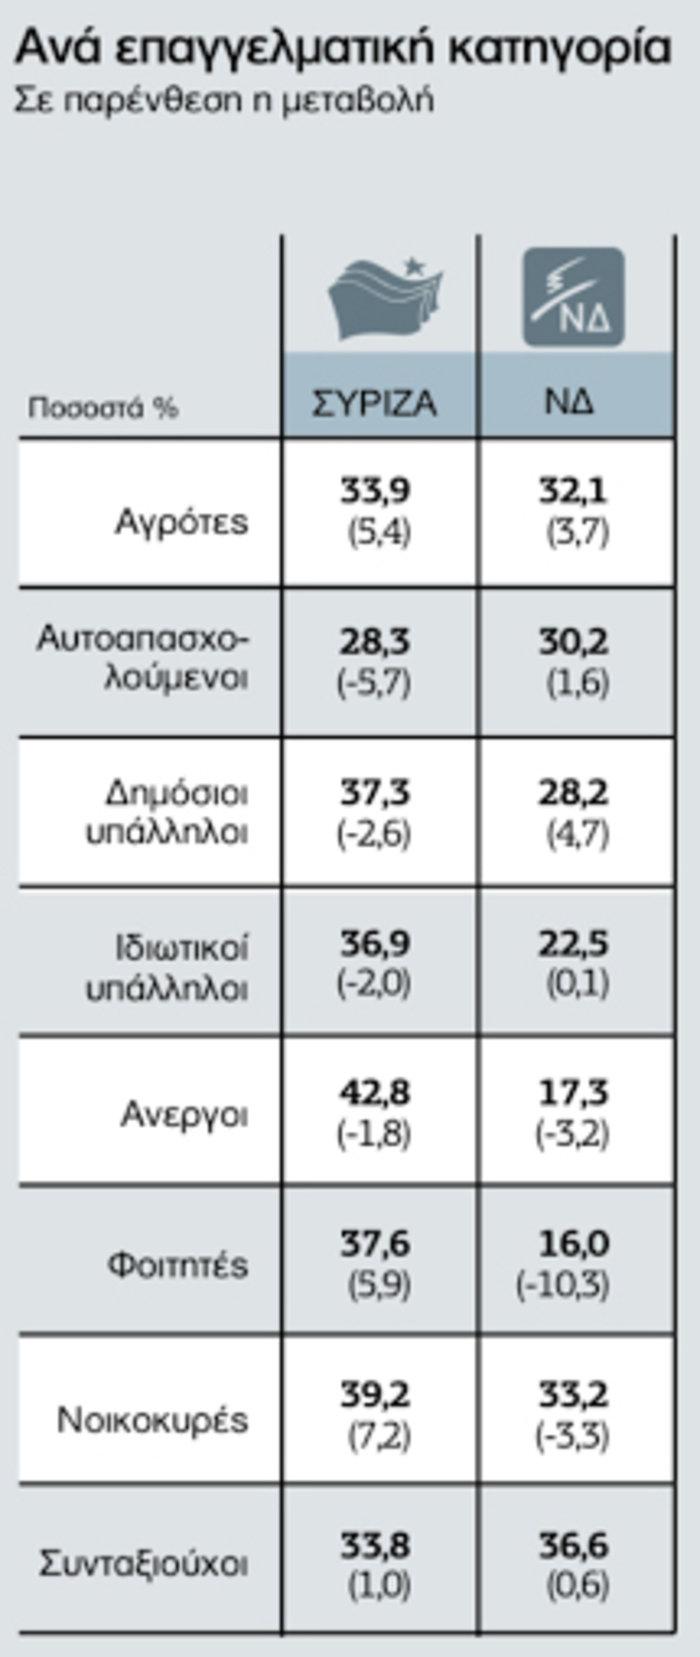 Τι ψήφισαν οι Έλληνες κατά εισόδημα, φύλο και ηλικία - εικόνα 2